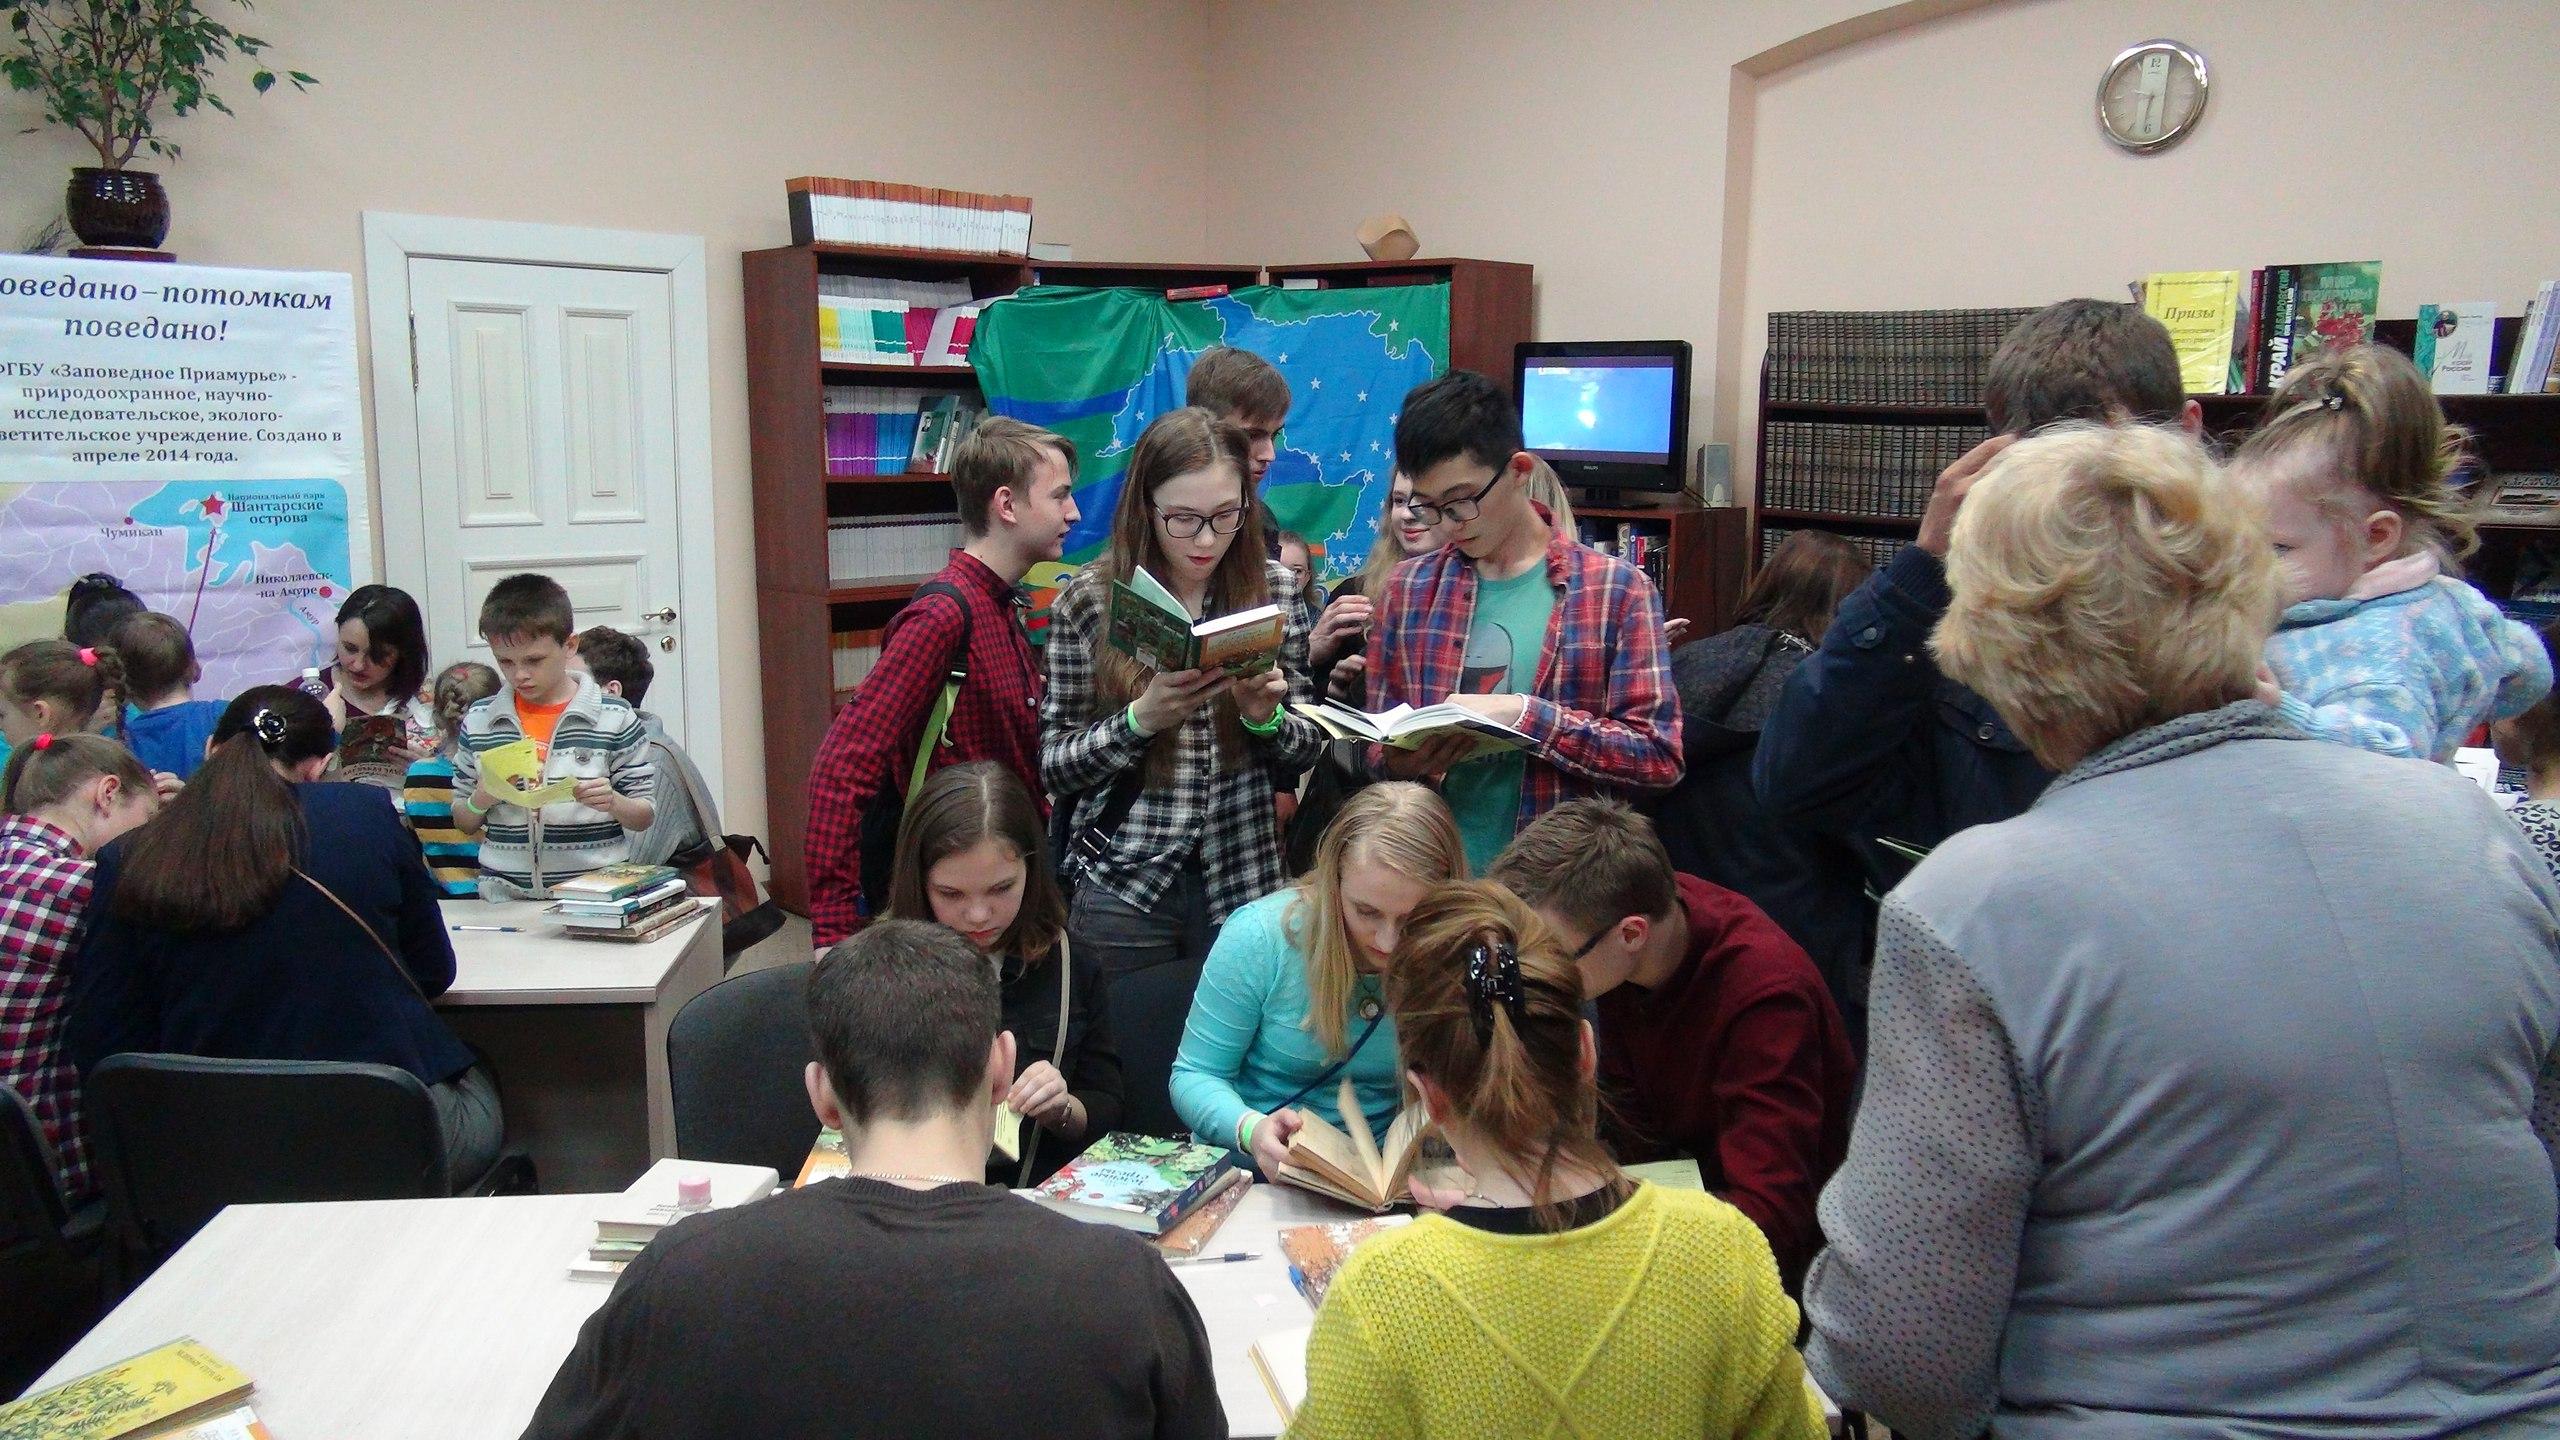 В Хабаровске прошла ночь открытых книг (ФОТОРЕПОРТАЖ)